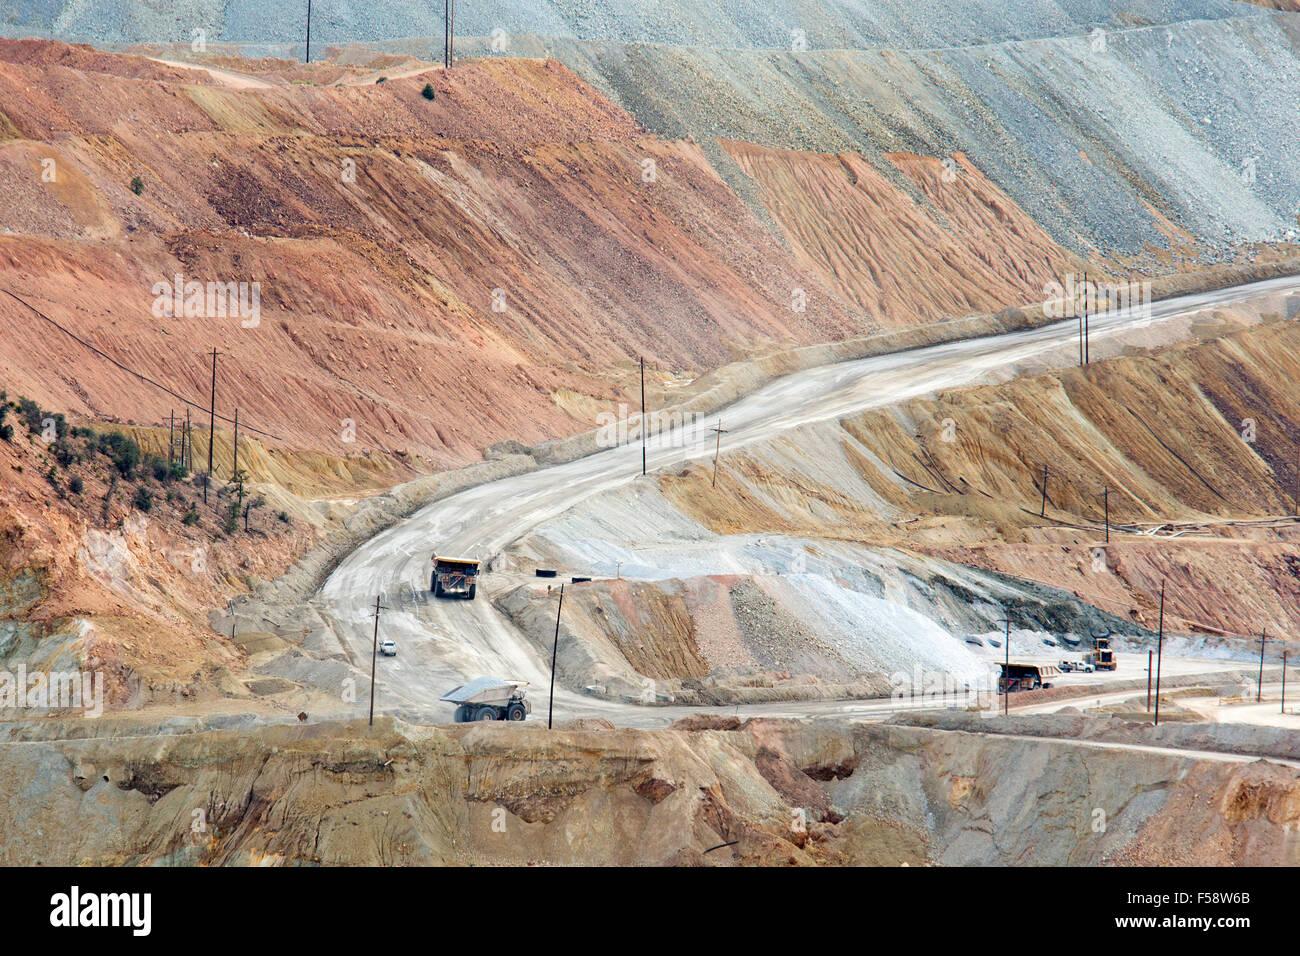 Santa Rita, New Mexico - Il Chino fossa aperta miniera di rame, azionato da Freeport-McMoRan, produce rame e molibdeno. Immagini Stock